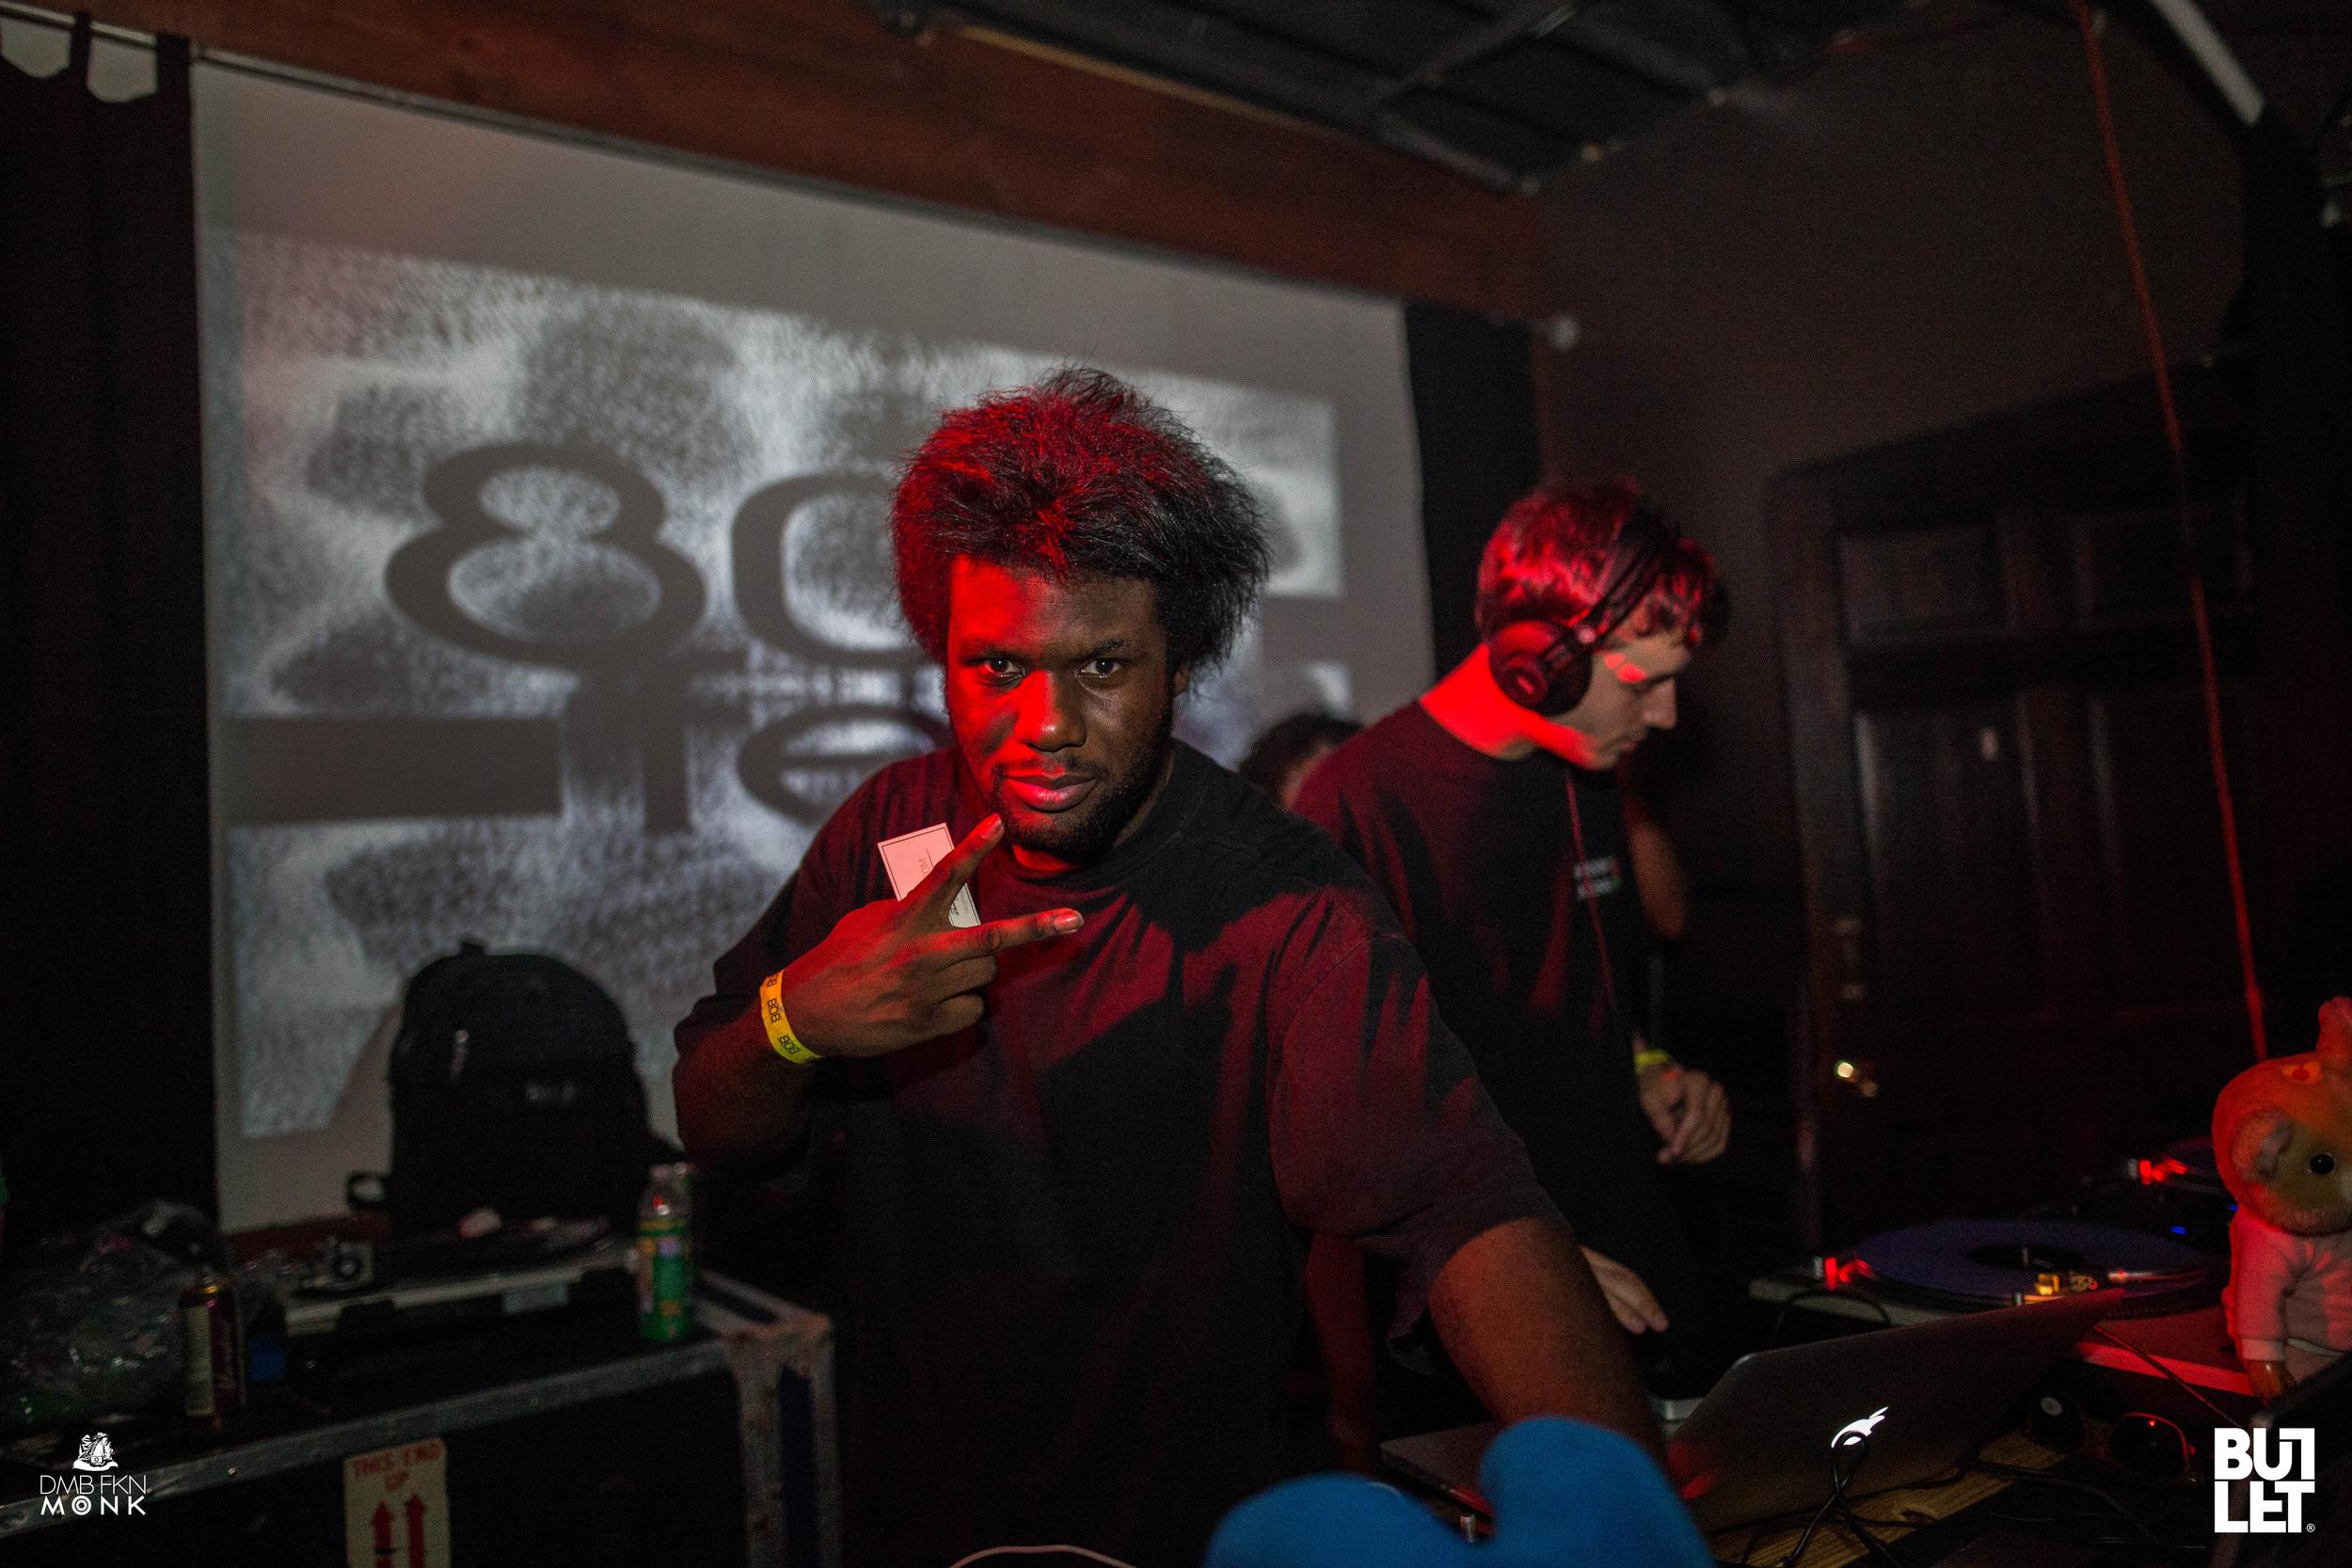 808fest (11 of 14).jpg